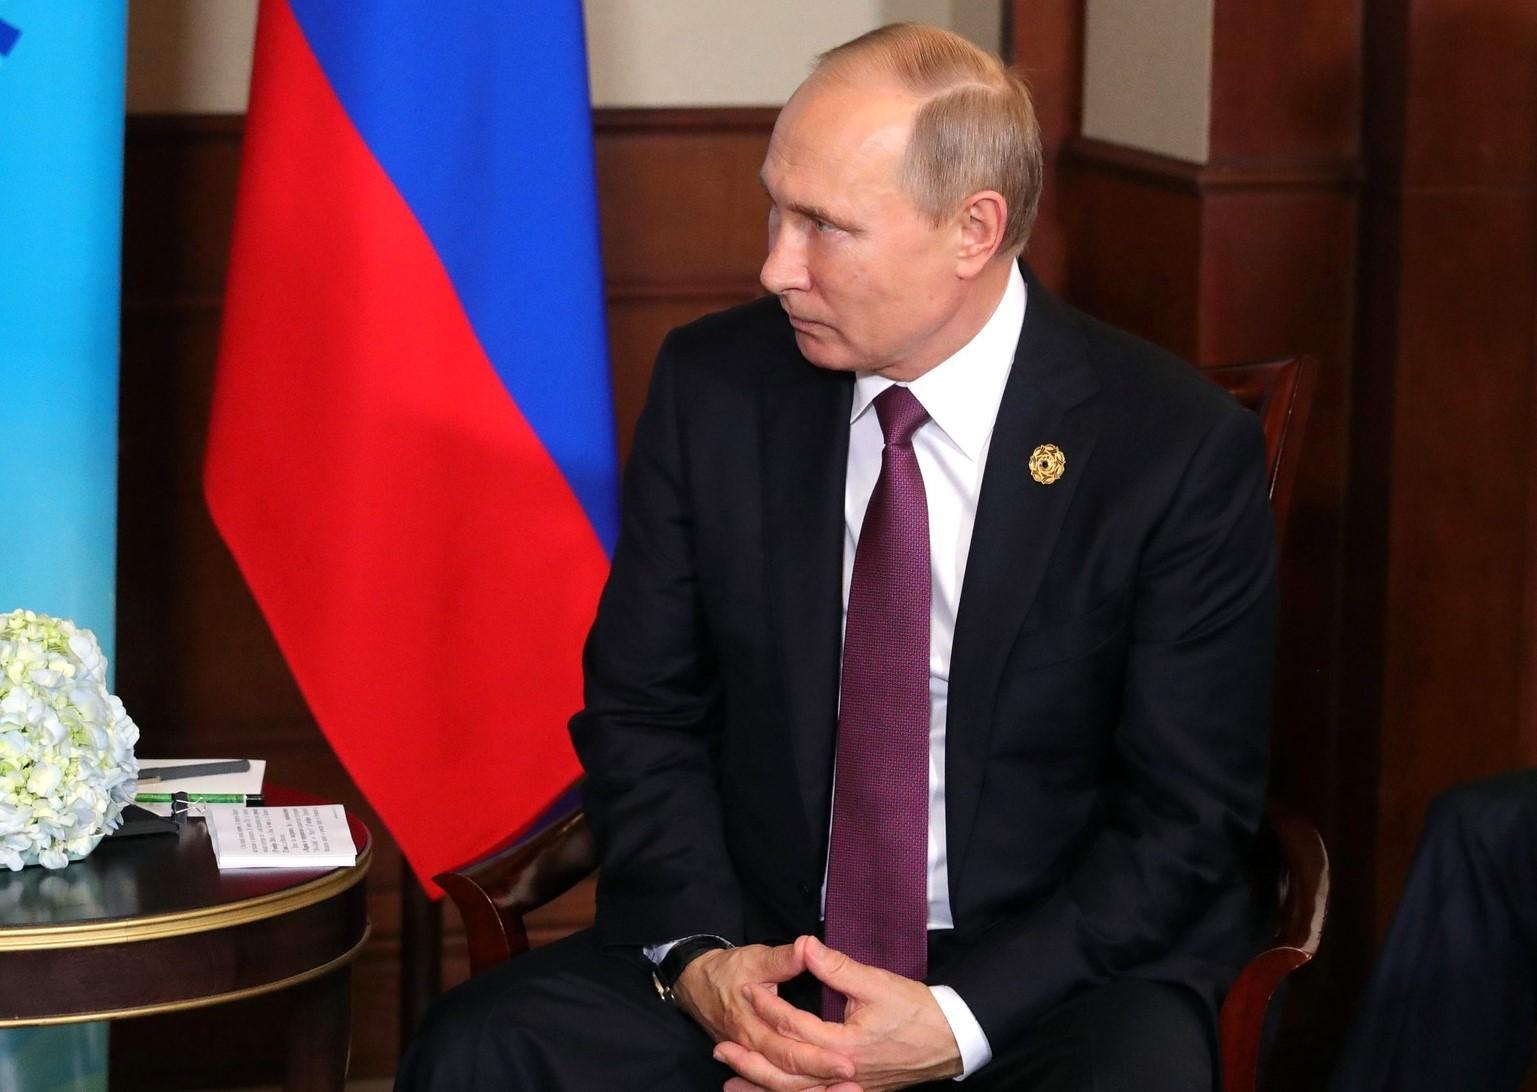 Выборы президента России в 2019 году изоражения